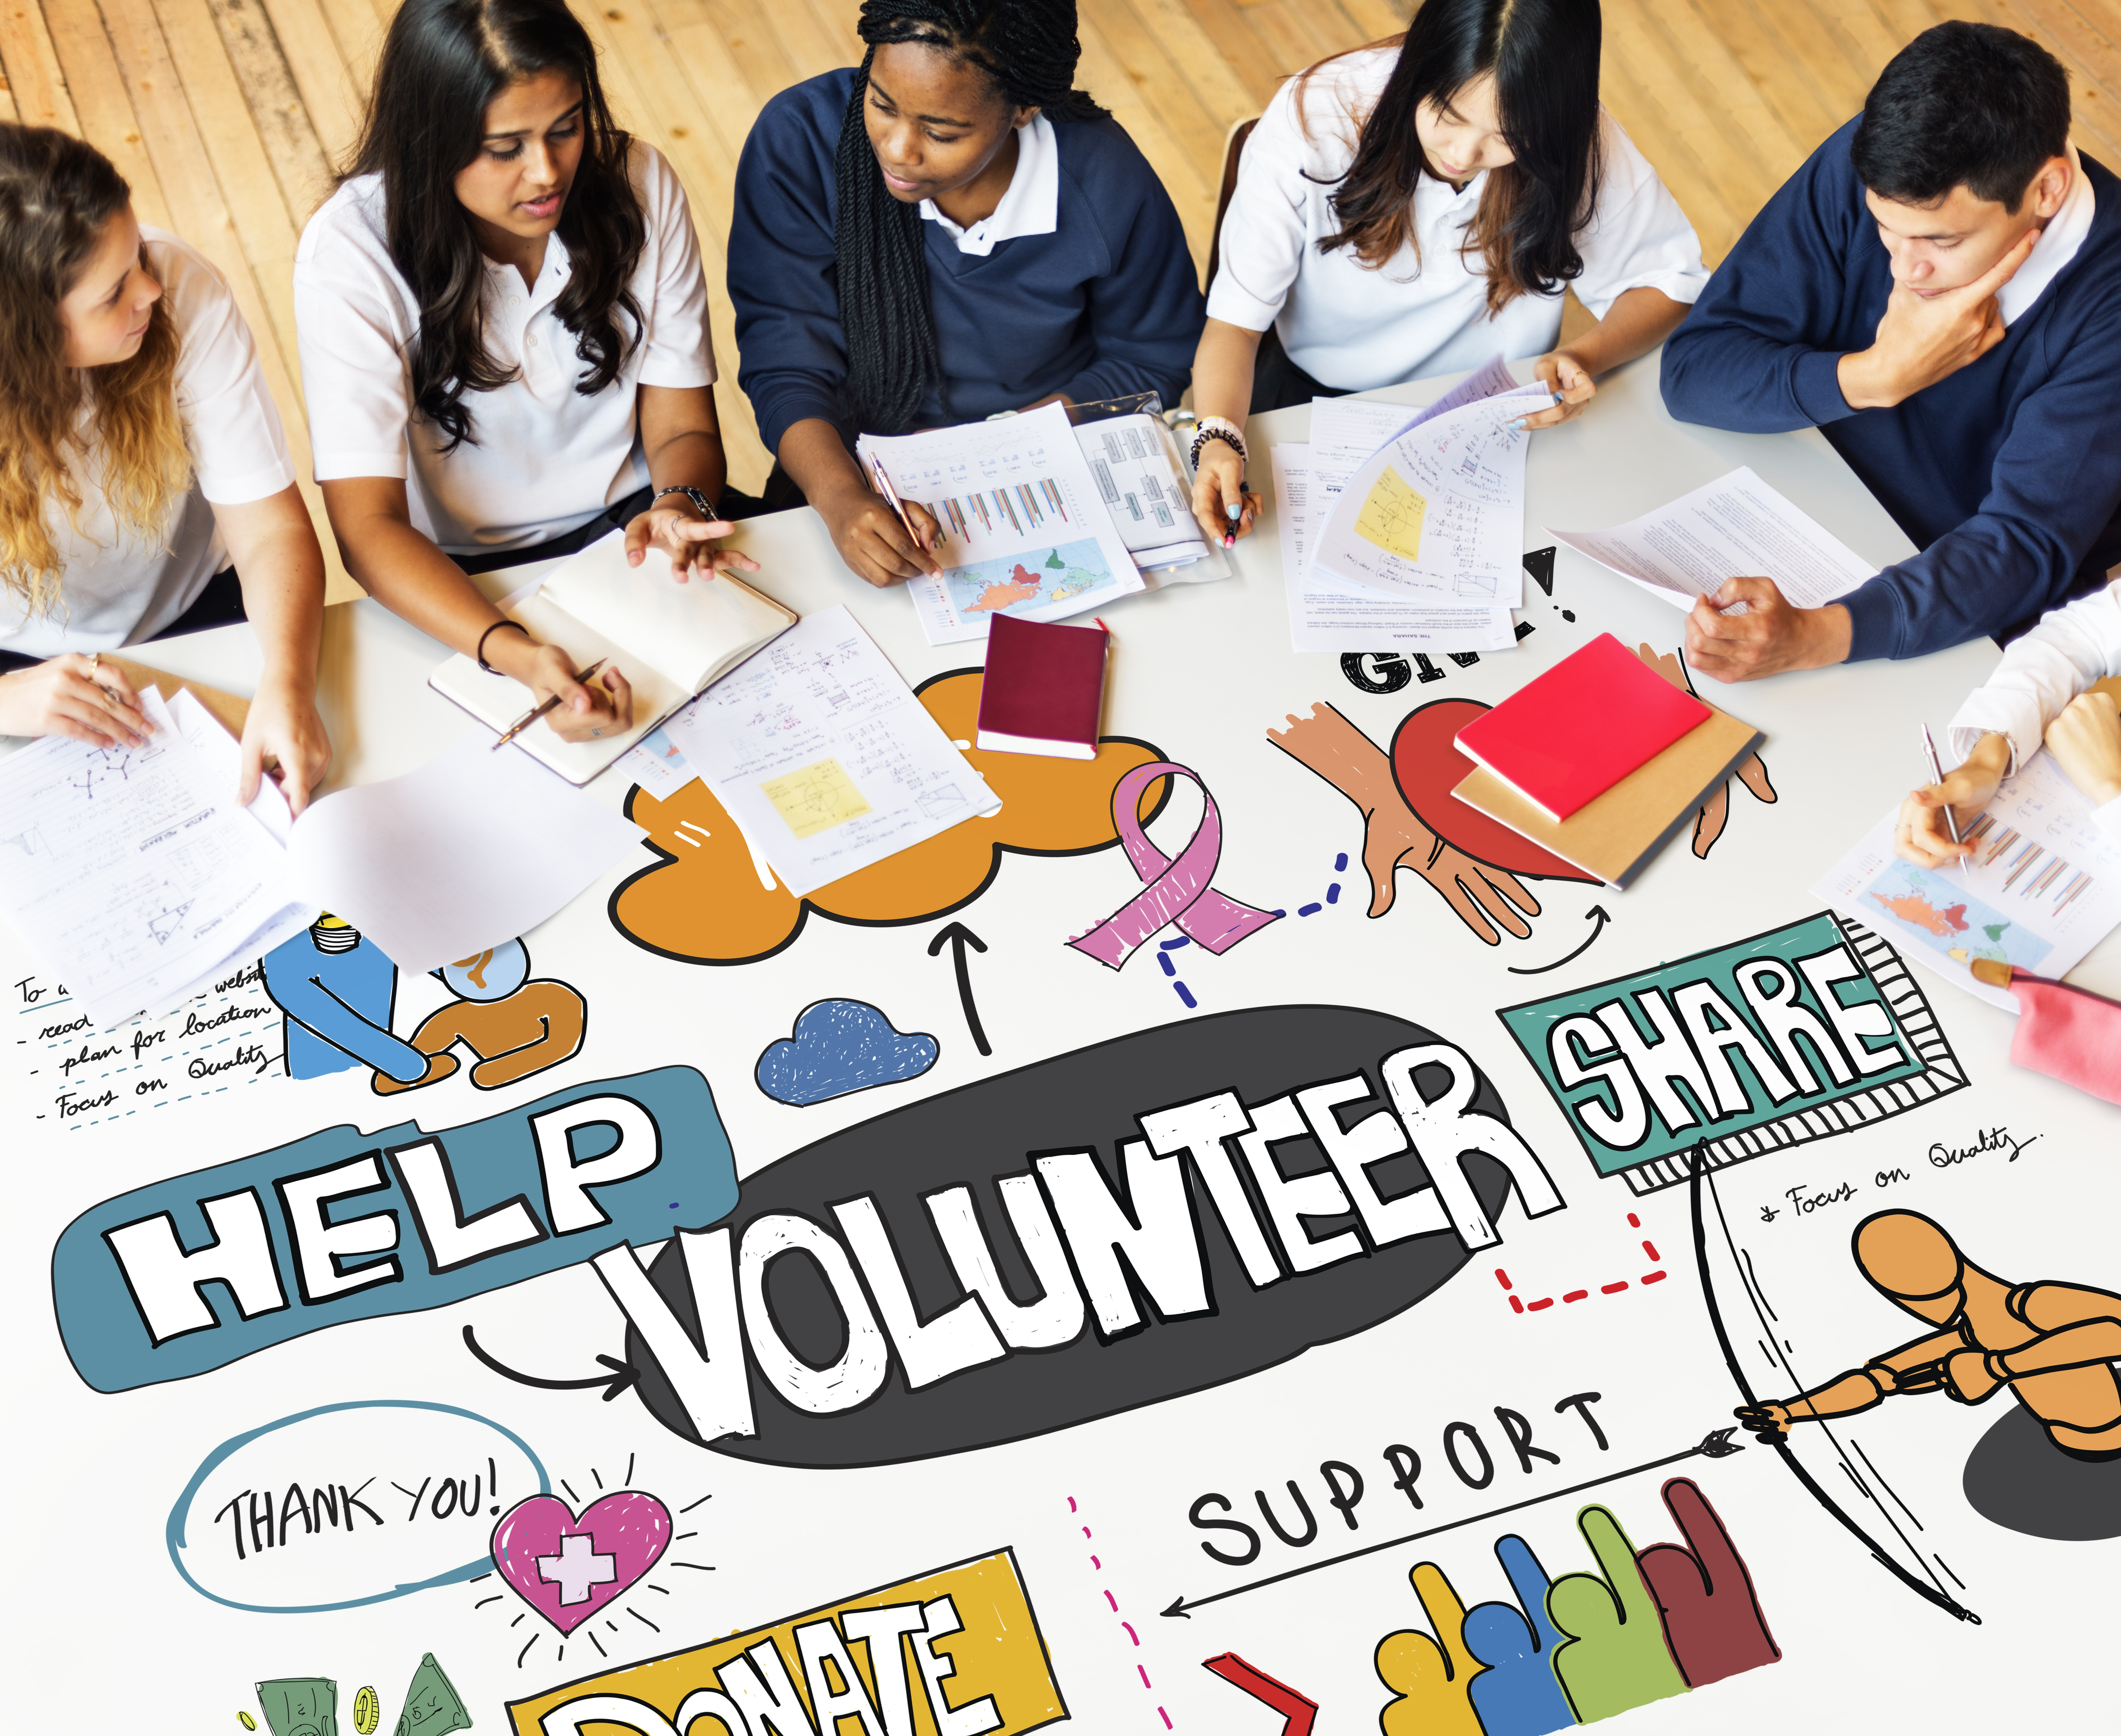 volunteer opportunities students table